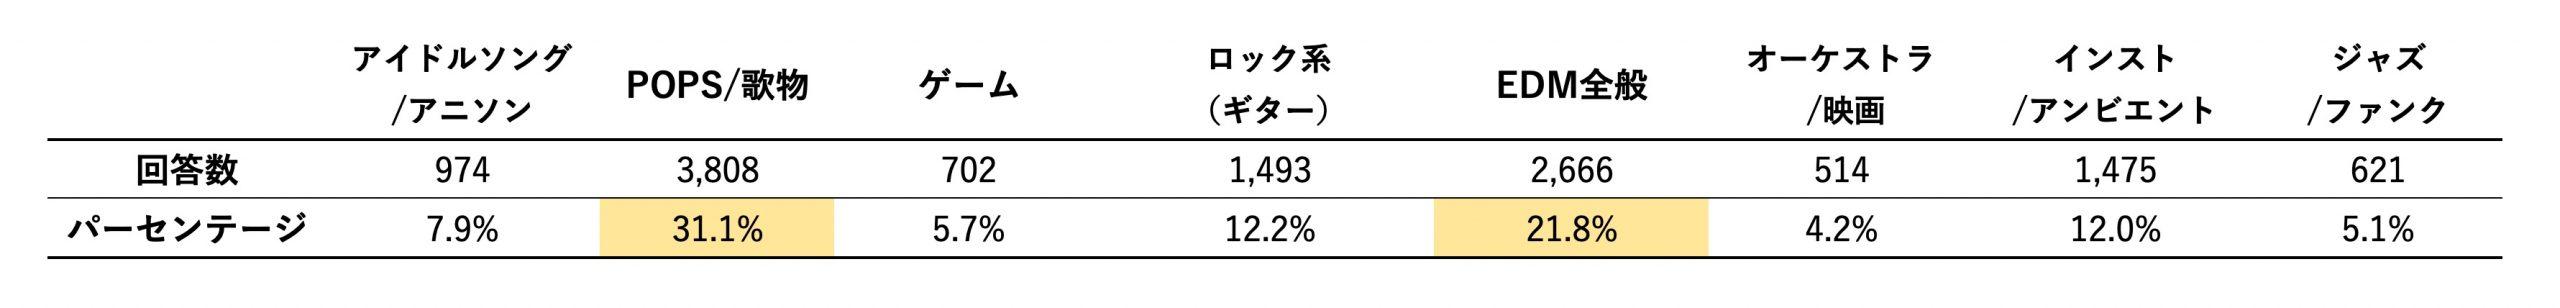 6_楽曲ジャンル全体(大括り)